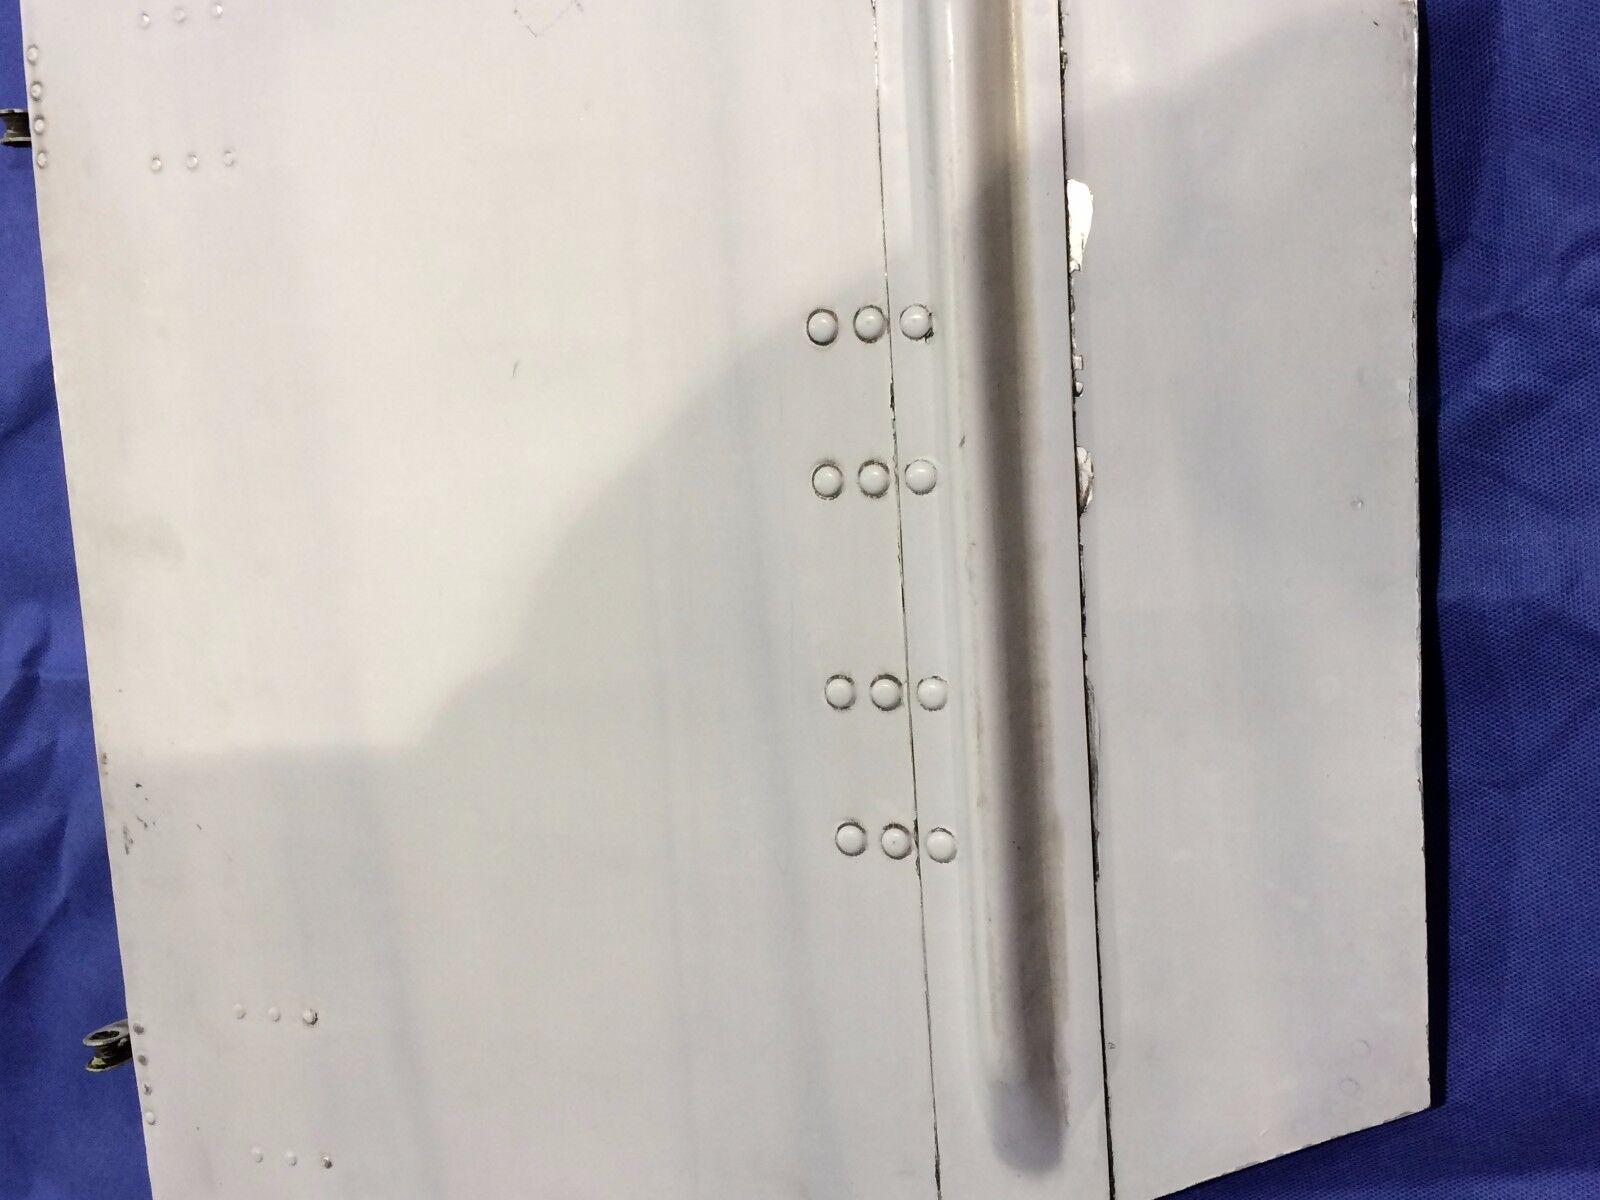 Beech Baron 58 LH Otbd Main Gear Door 35-815055-214 P/n 35-815055-214 Door & 35-815055-68 (0916-09) 2f1f7d